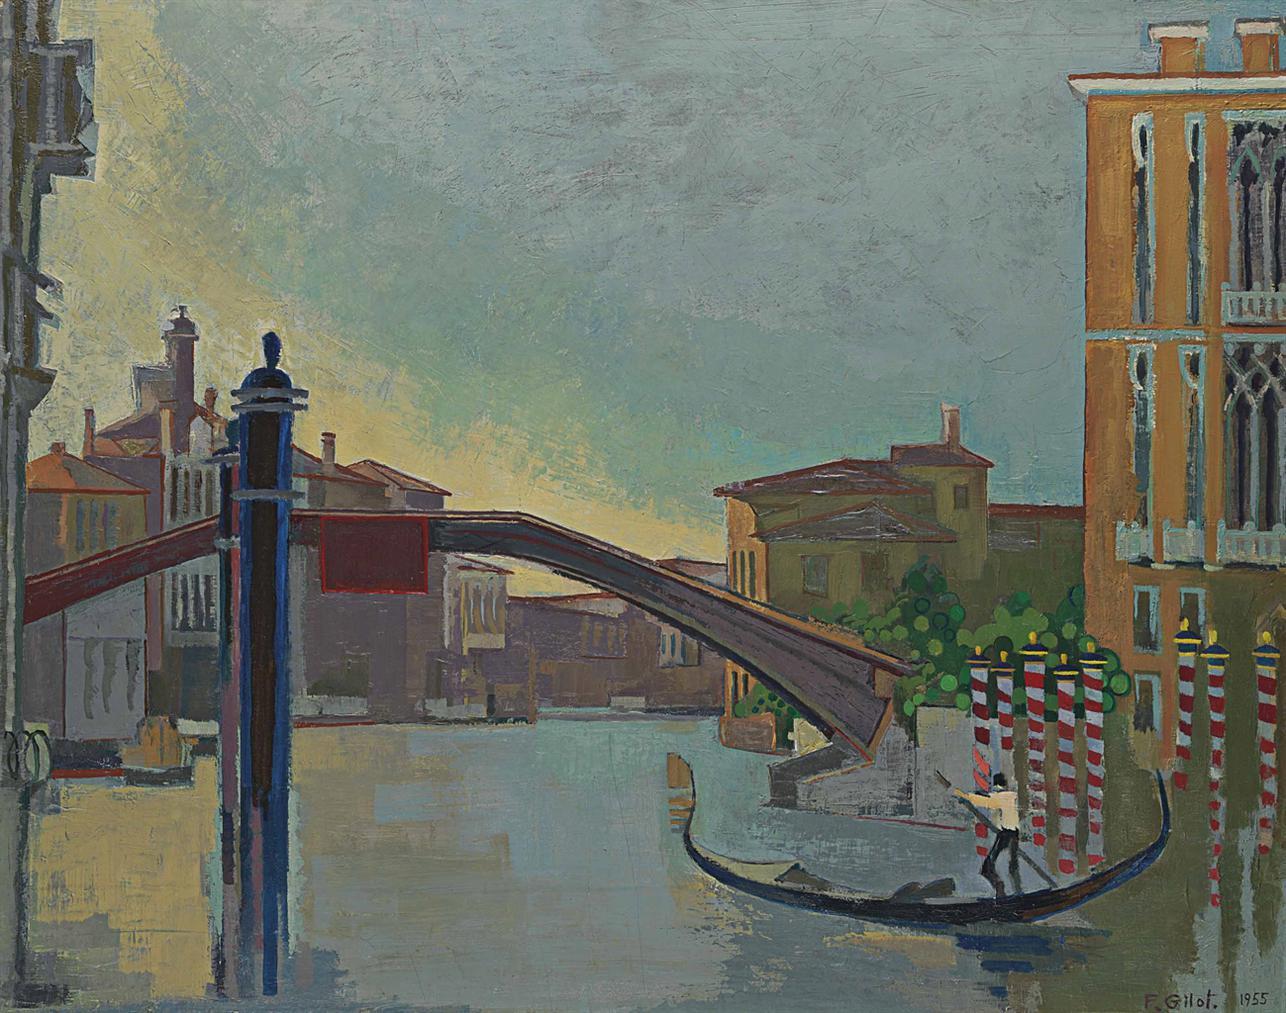 Francoise Gilot-Le Grand Canal De Venise-1955